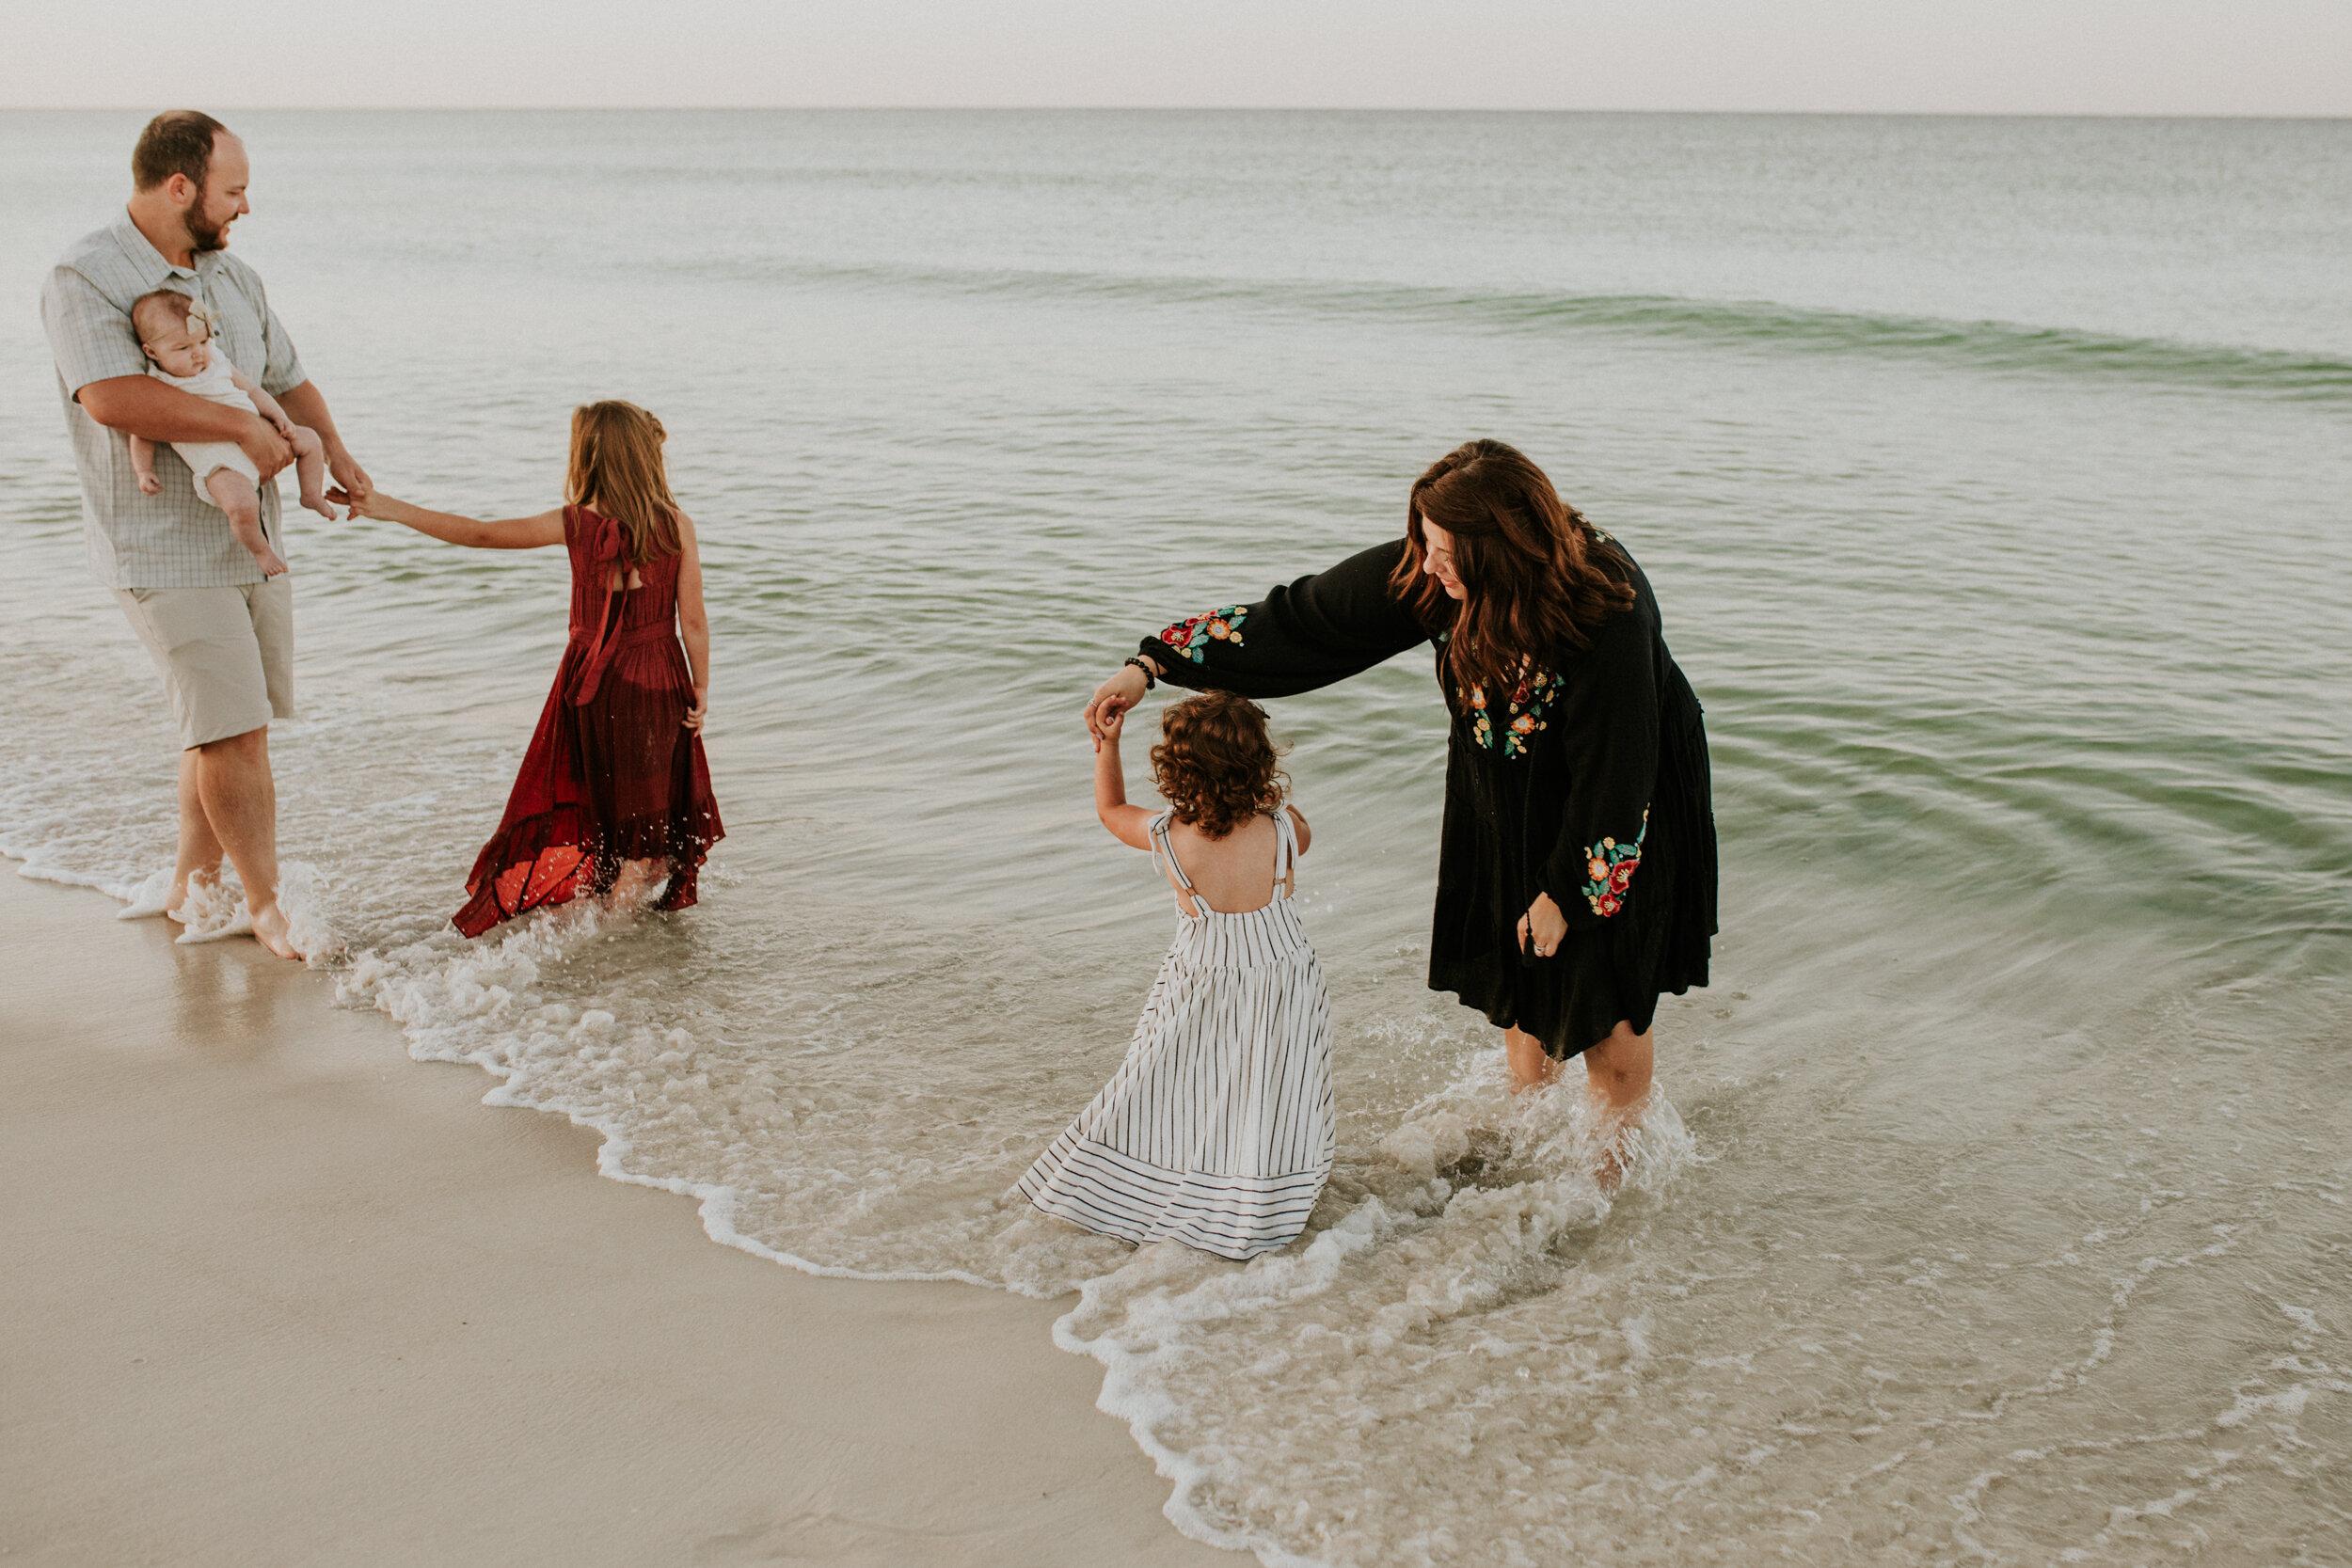 30a_Destin_Rosemary_Beach_Florida_Family_Photographer_Beach_Session-22.jpg